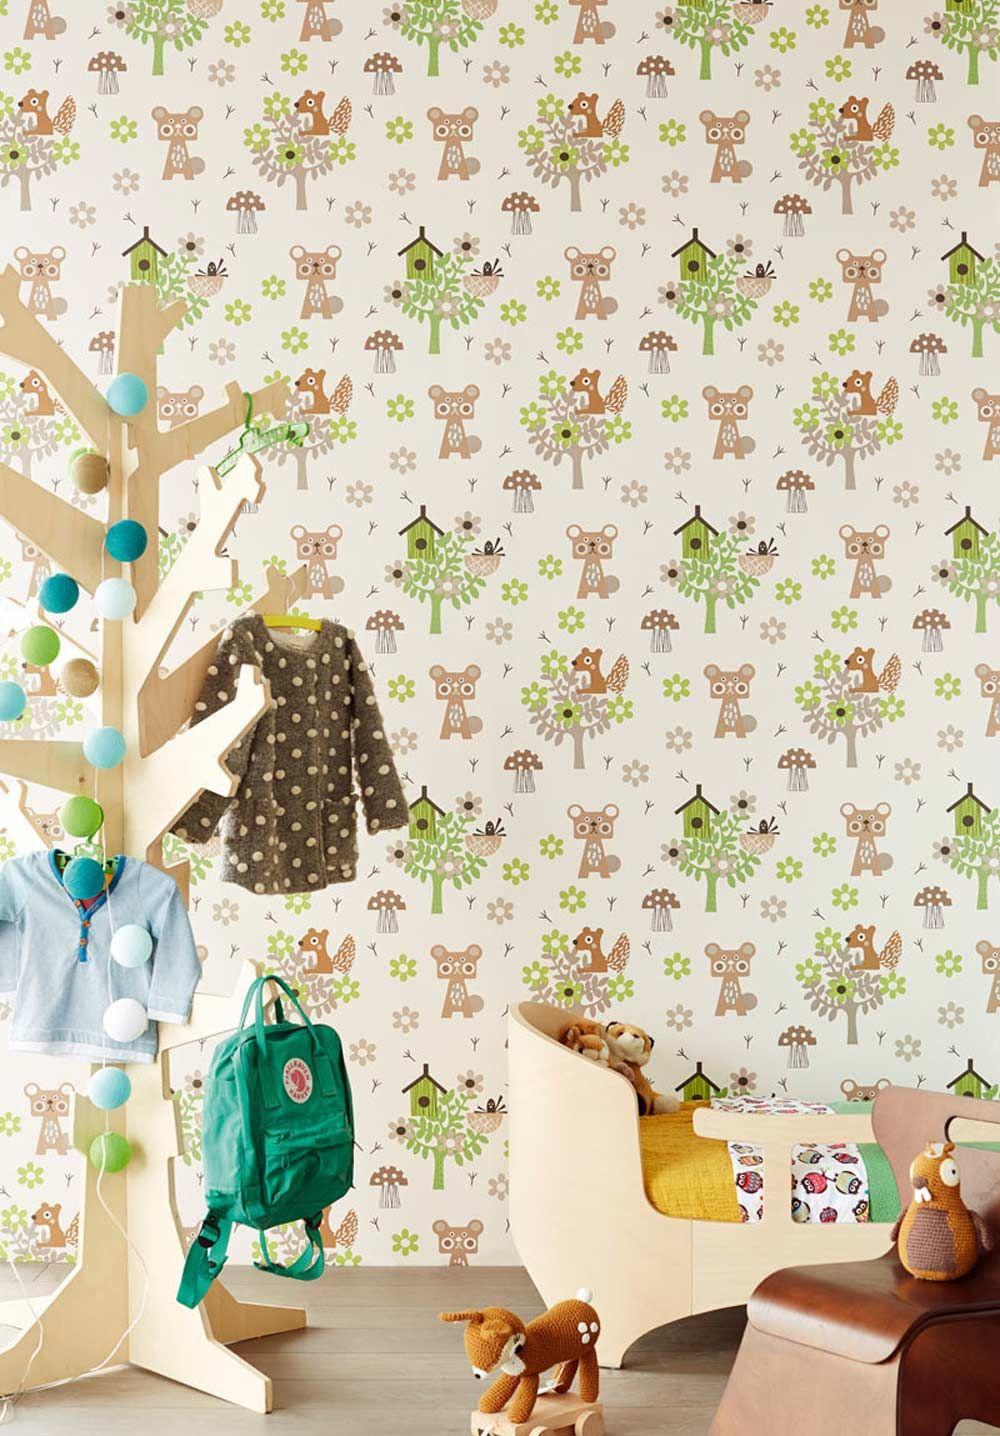 wunderbare tapeten für kinderzimmer & babyzimmer | tapetenkollektion